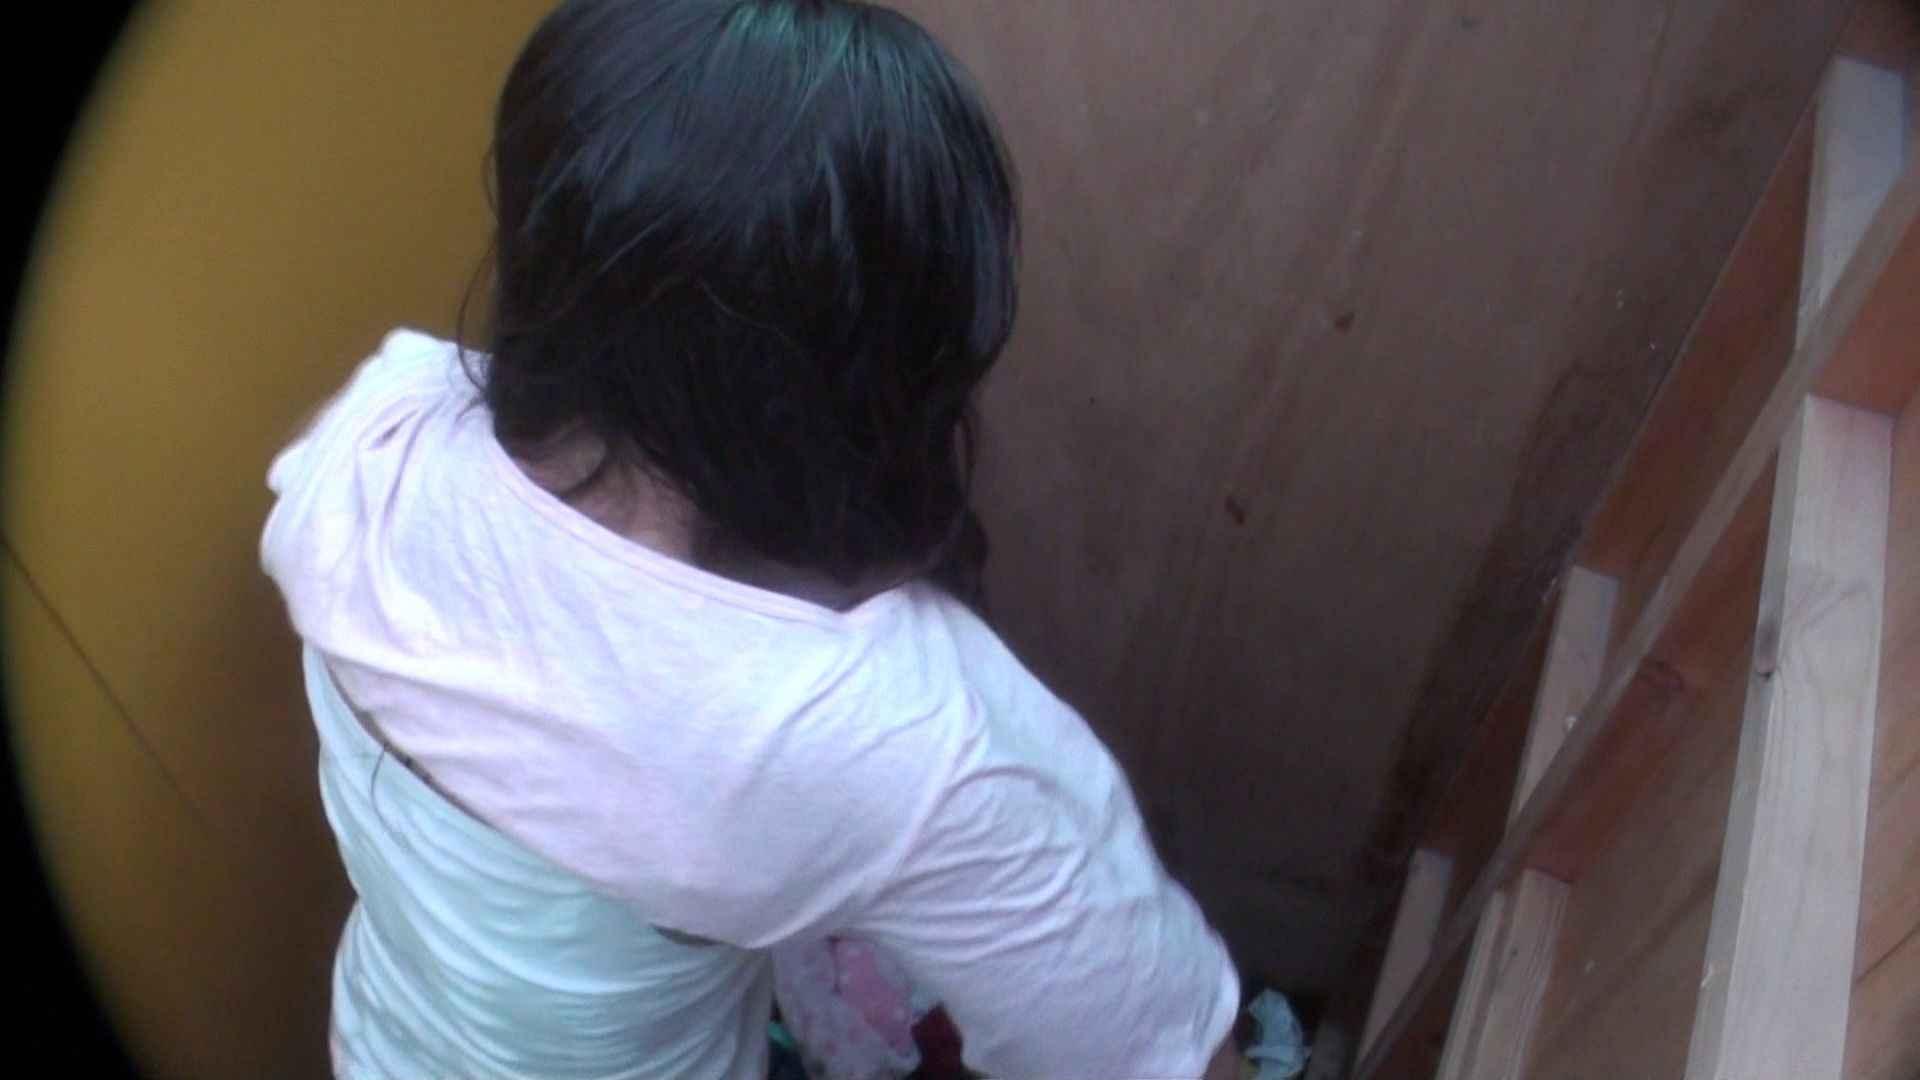 シャワールームは超!!危険な香りVol.13 ムッチムチのいやらしい身体つき 高画質   美しいOLの裸体  76pic 73